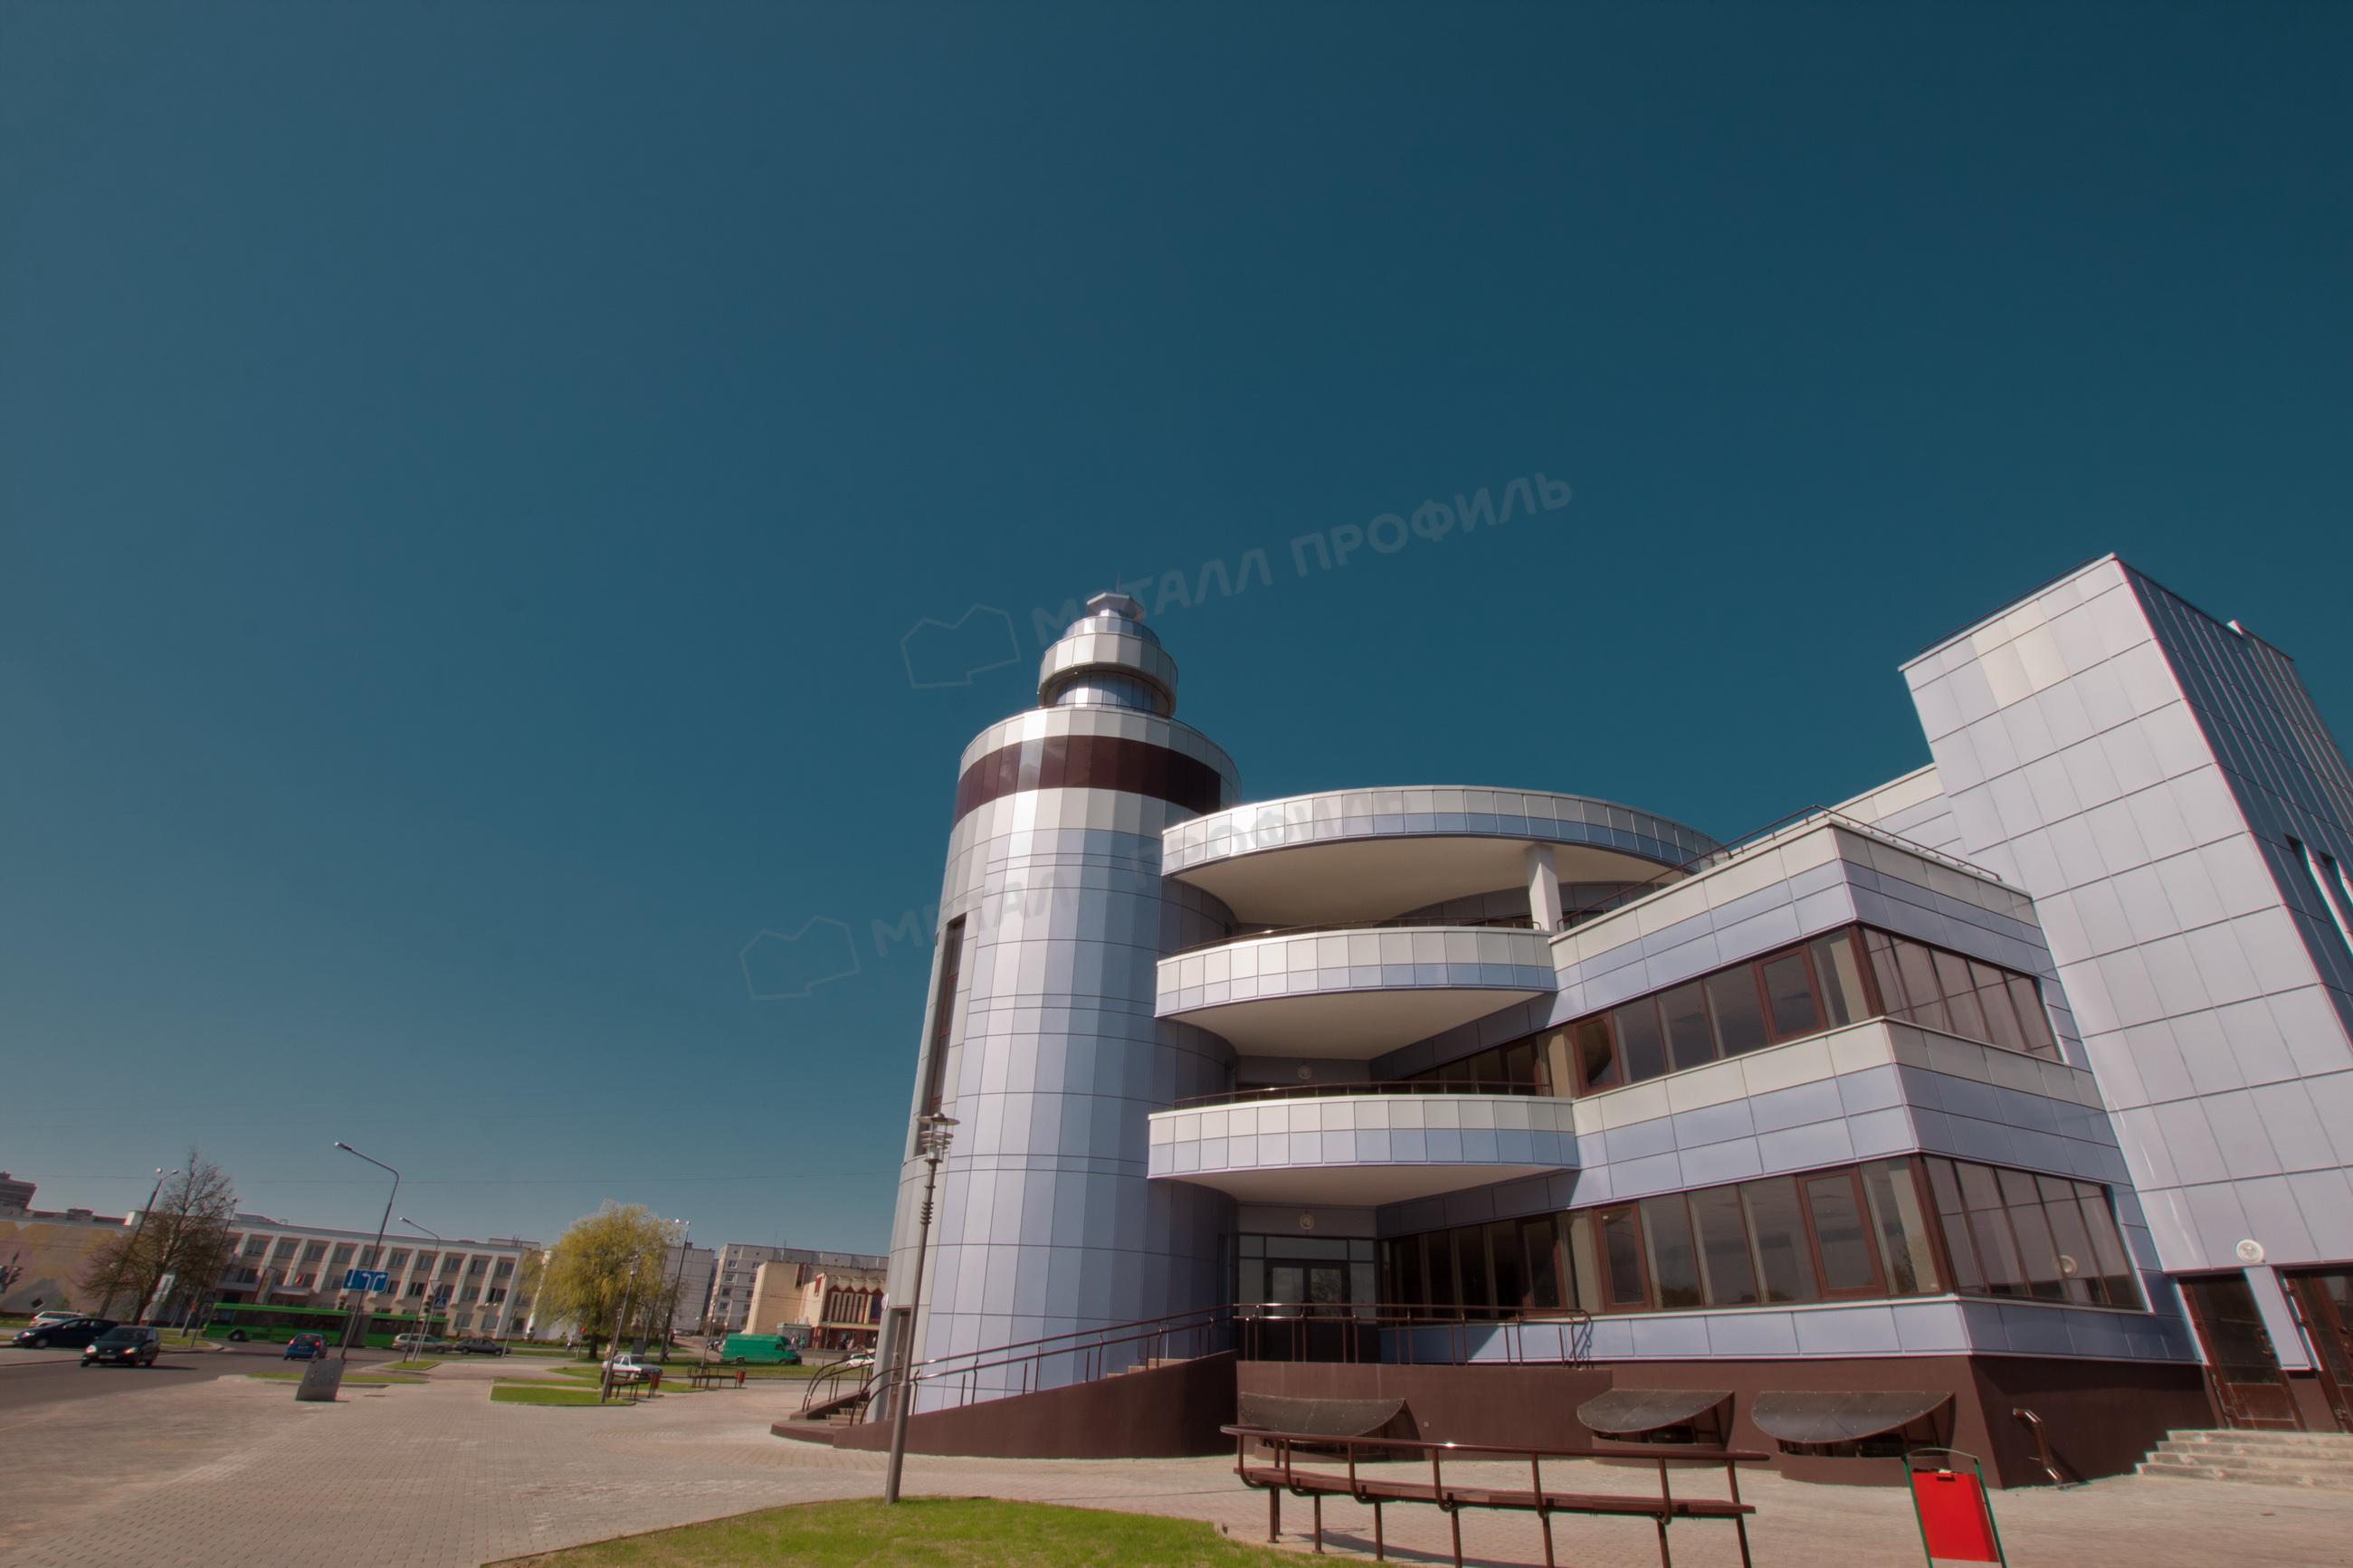 Строительные и монтажные организации тверская область инвестиционно-строительная компания - застройщик югра-мастер